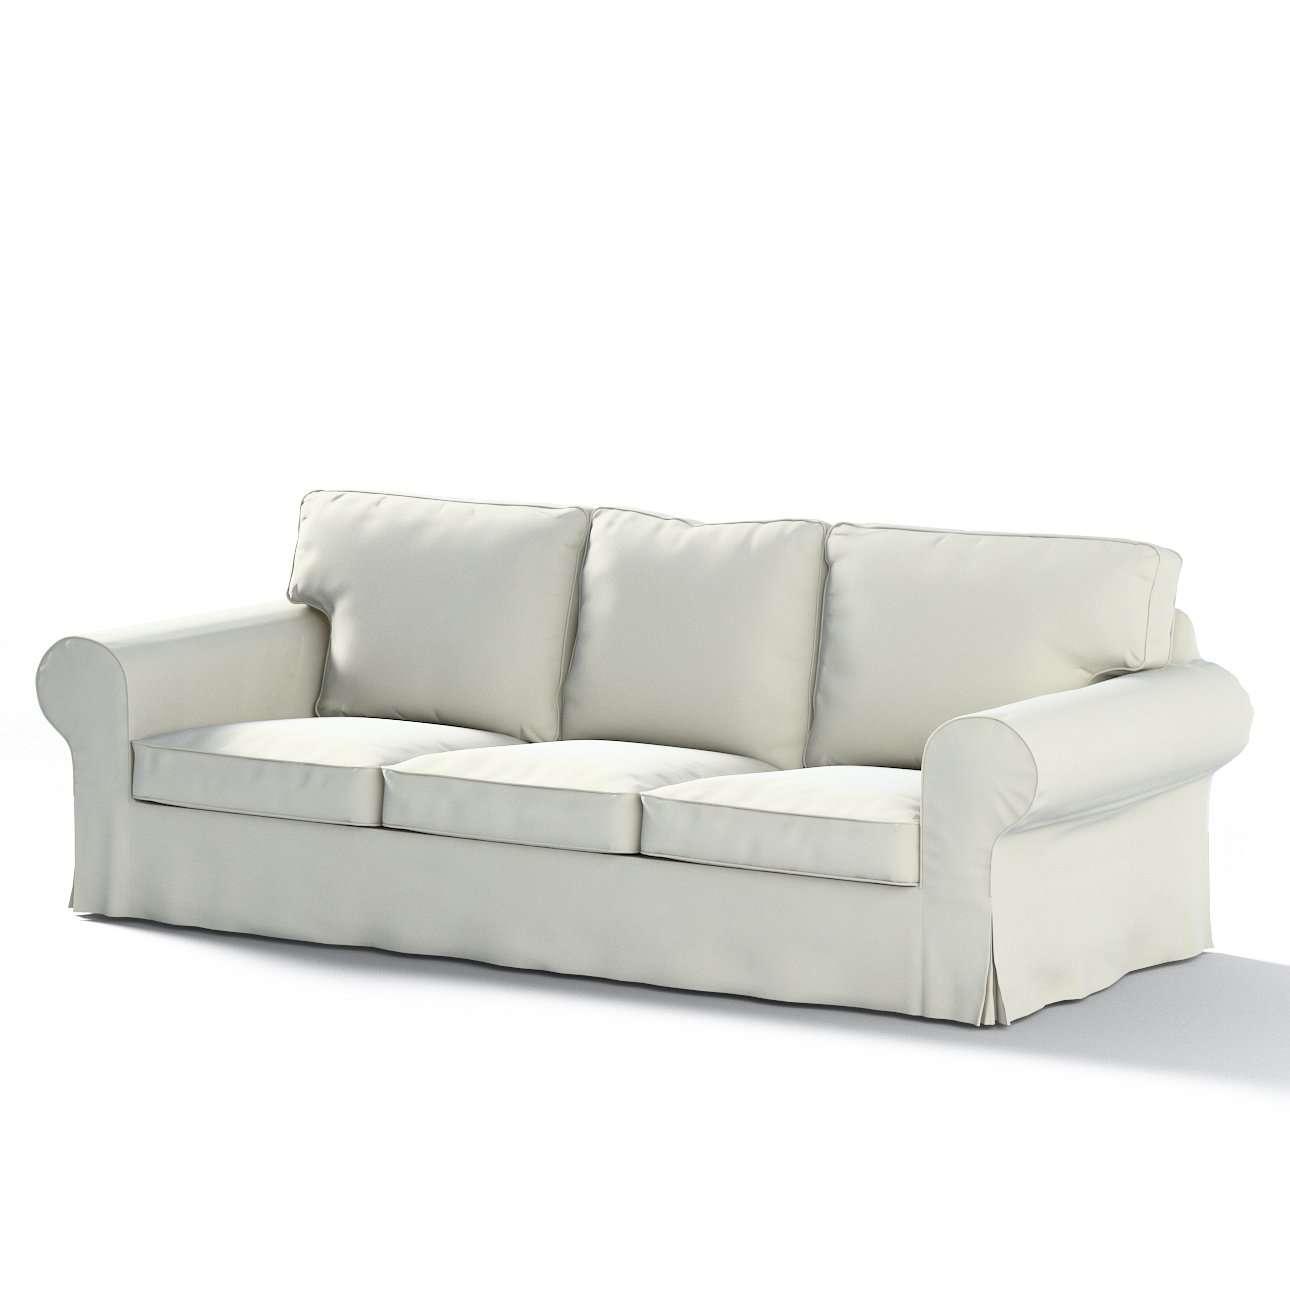 Pokrowiec na sofę Ektorp 3-osobową, nierozkładaną w kolekcji Velvet, tkanina: 704-10